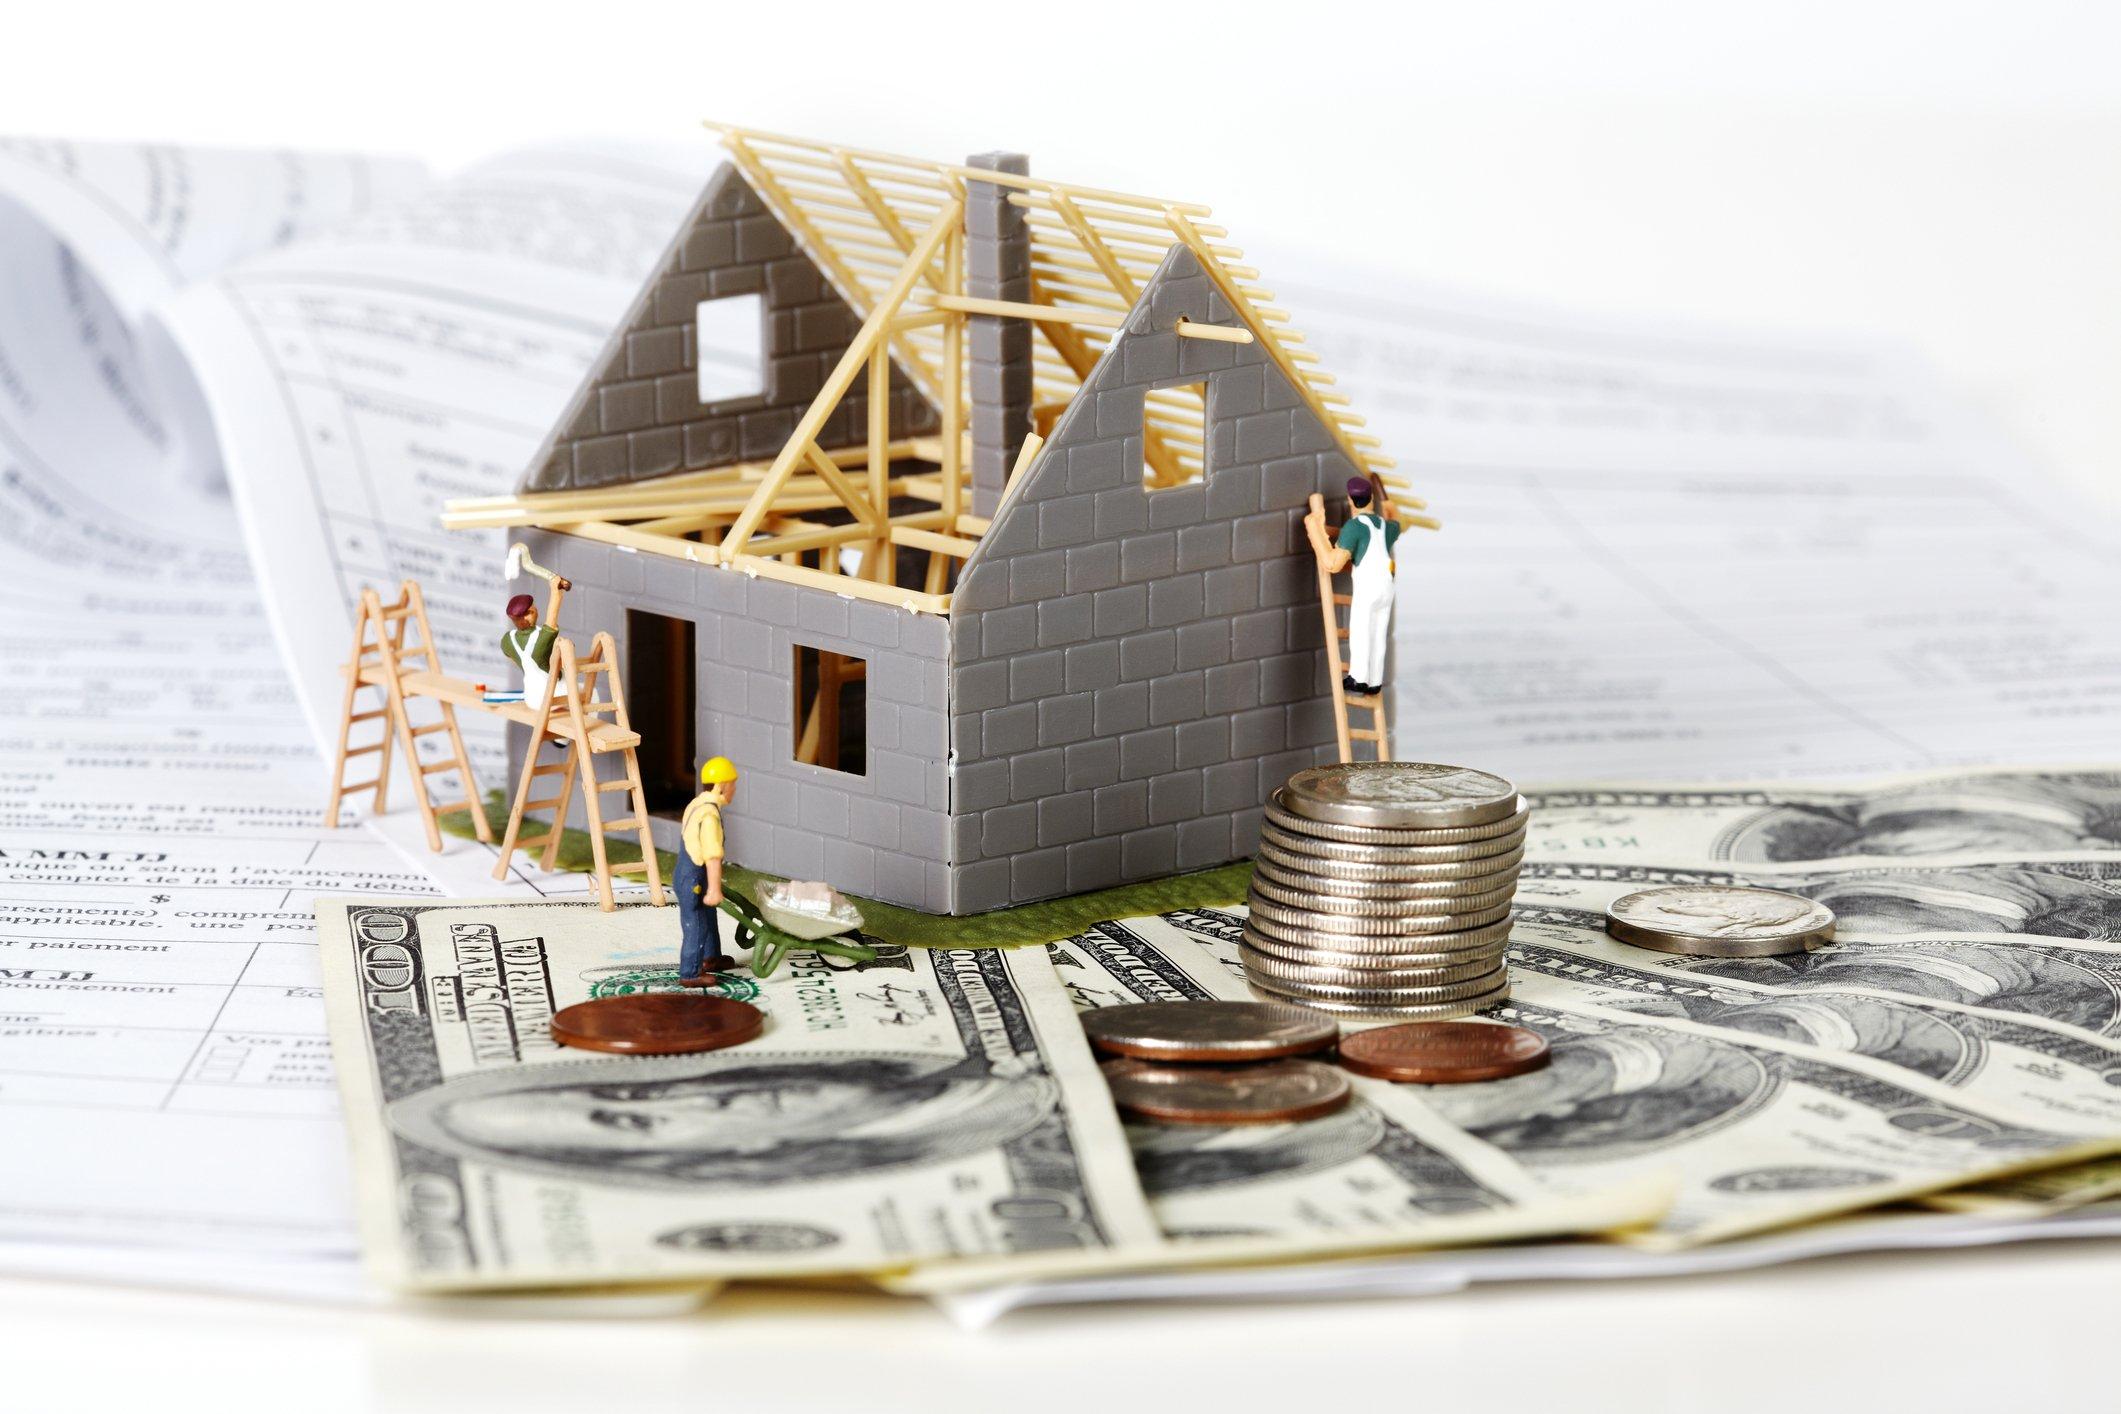 Preventivo ristrutturazione casa basta che sia realistico for Preventivo arredamento casa